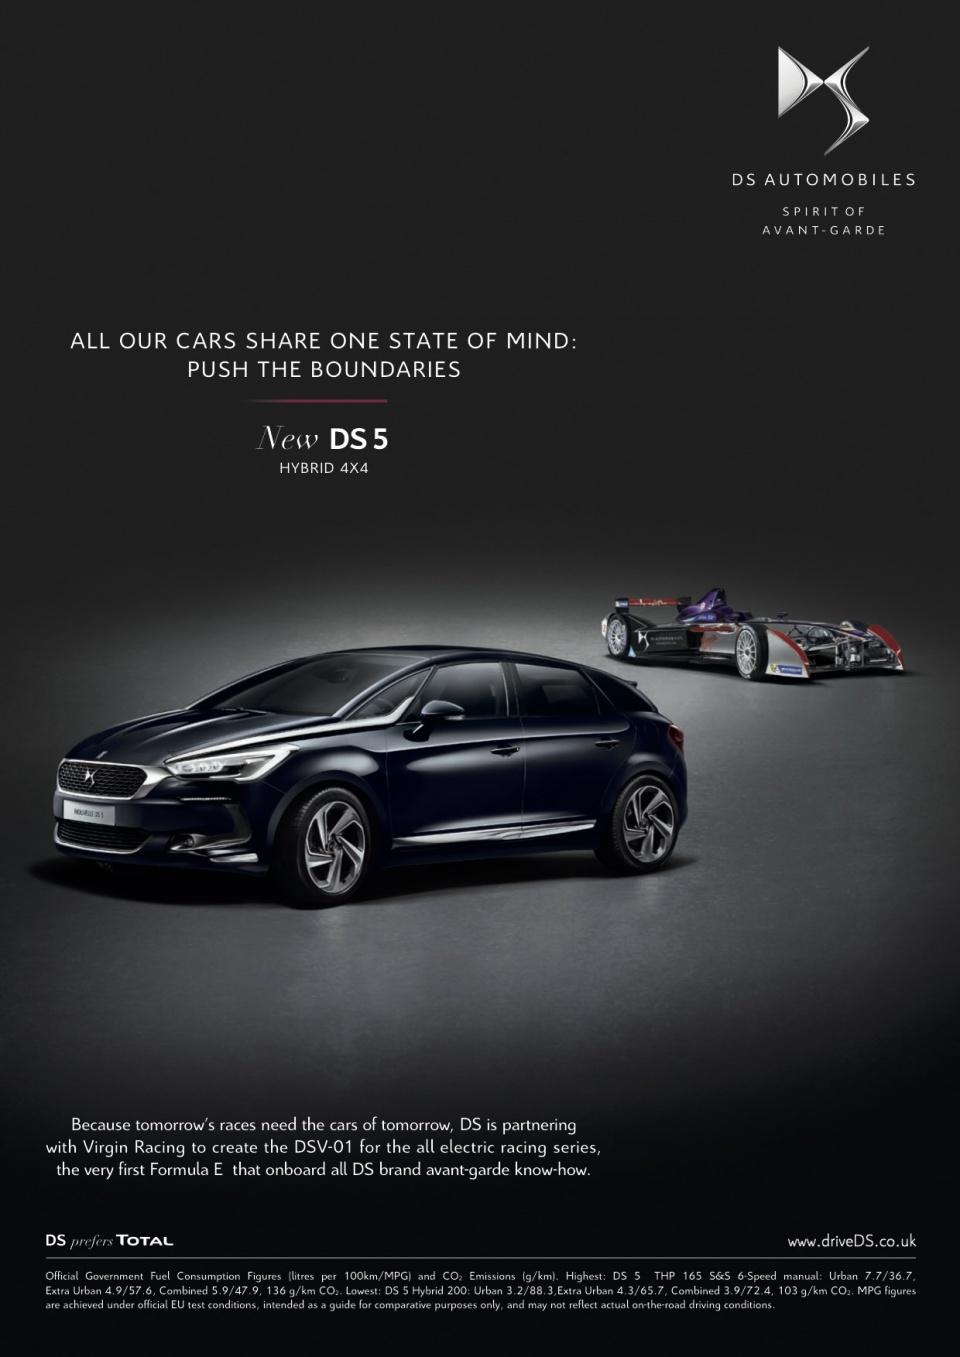 DS - Automobiles